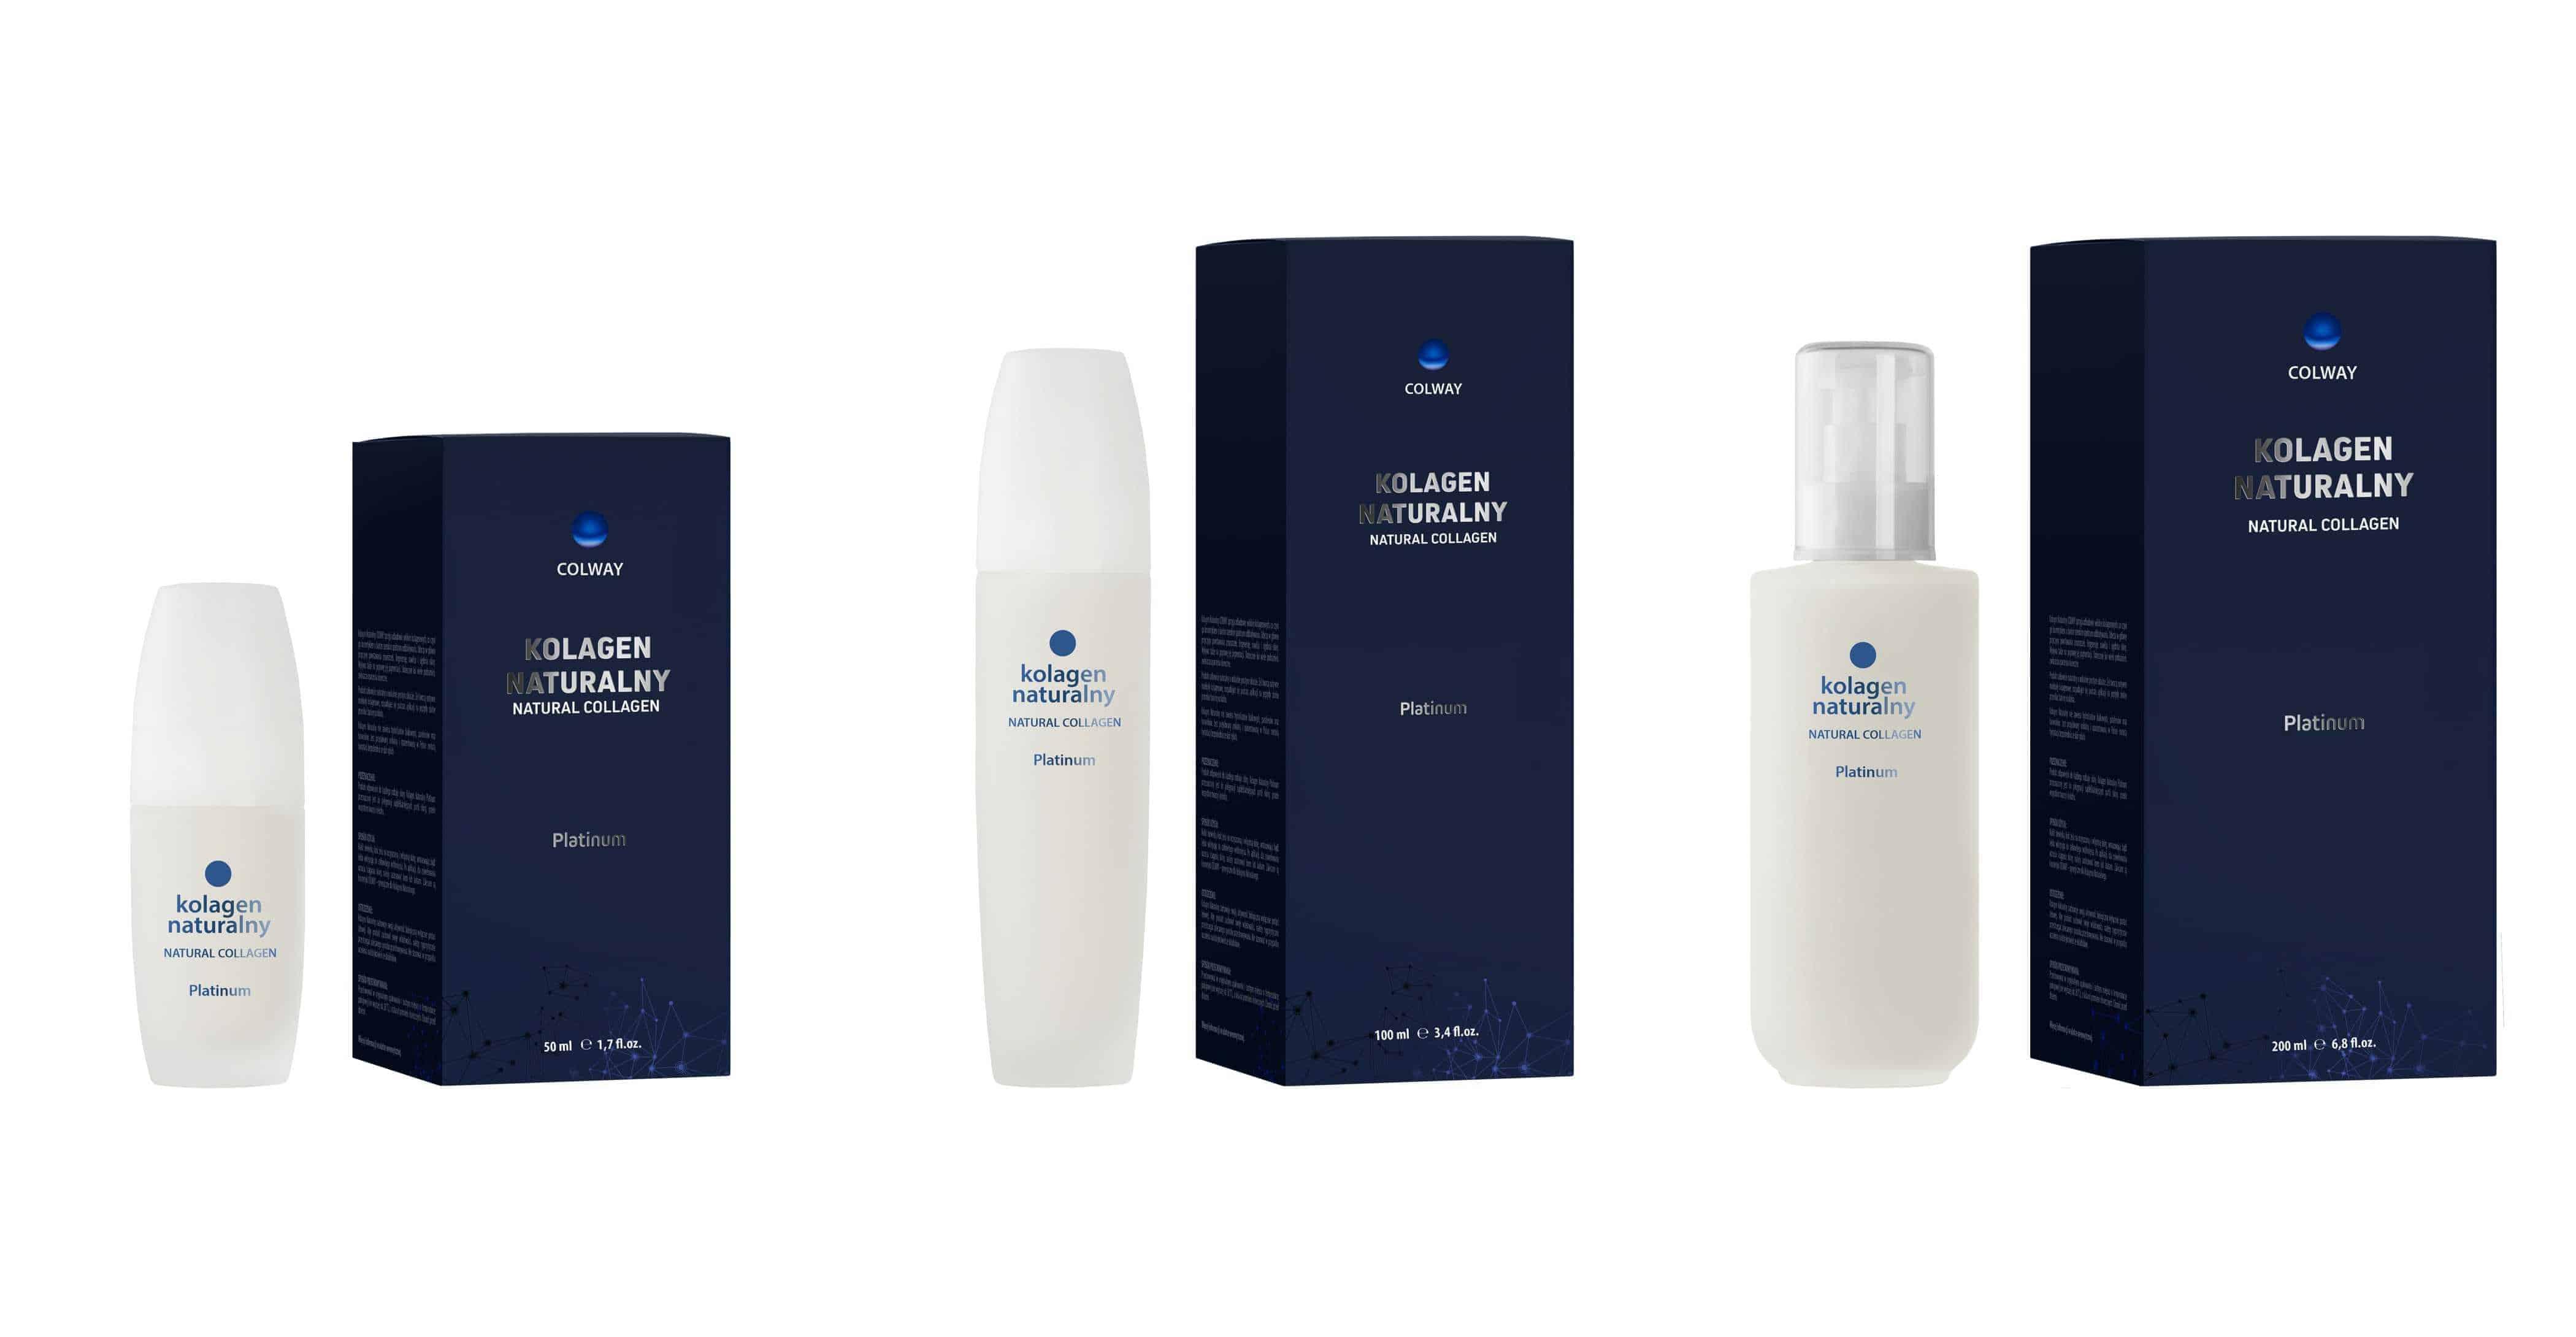 COLWAY vám představuje revoluční biochemický vynález umožňující uchovat pokožce mladý vzhled